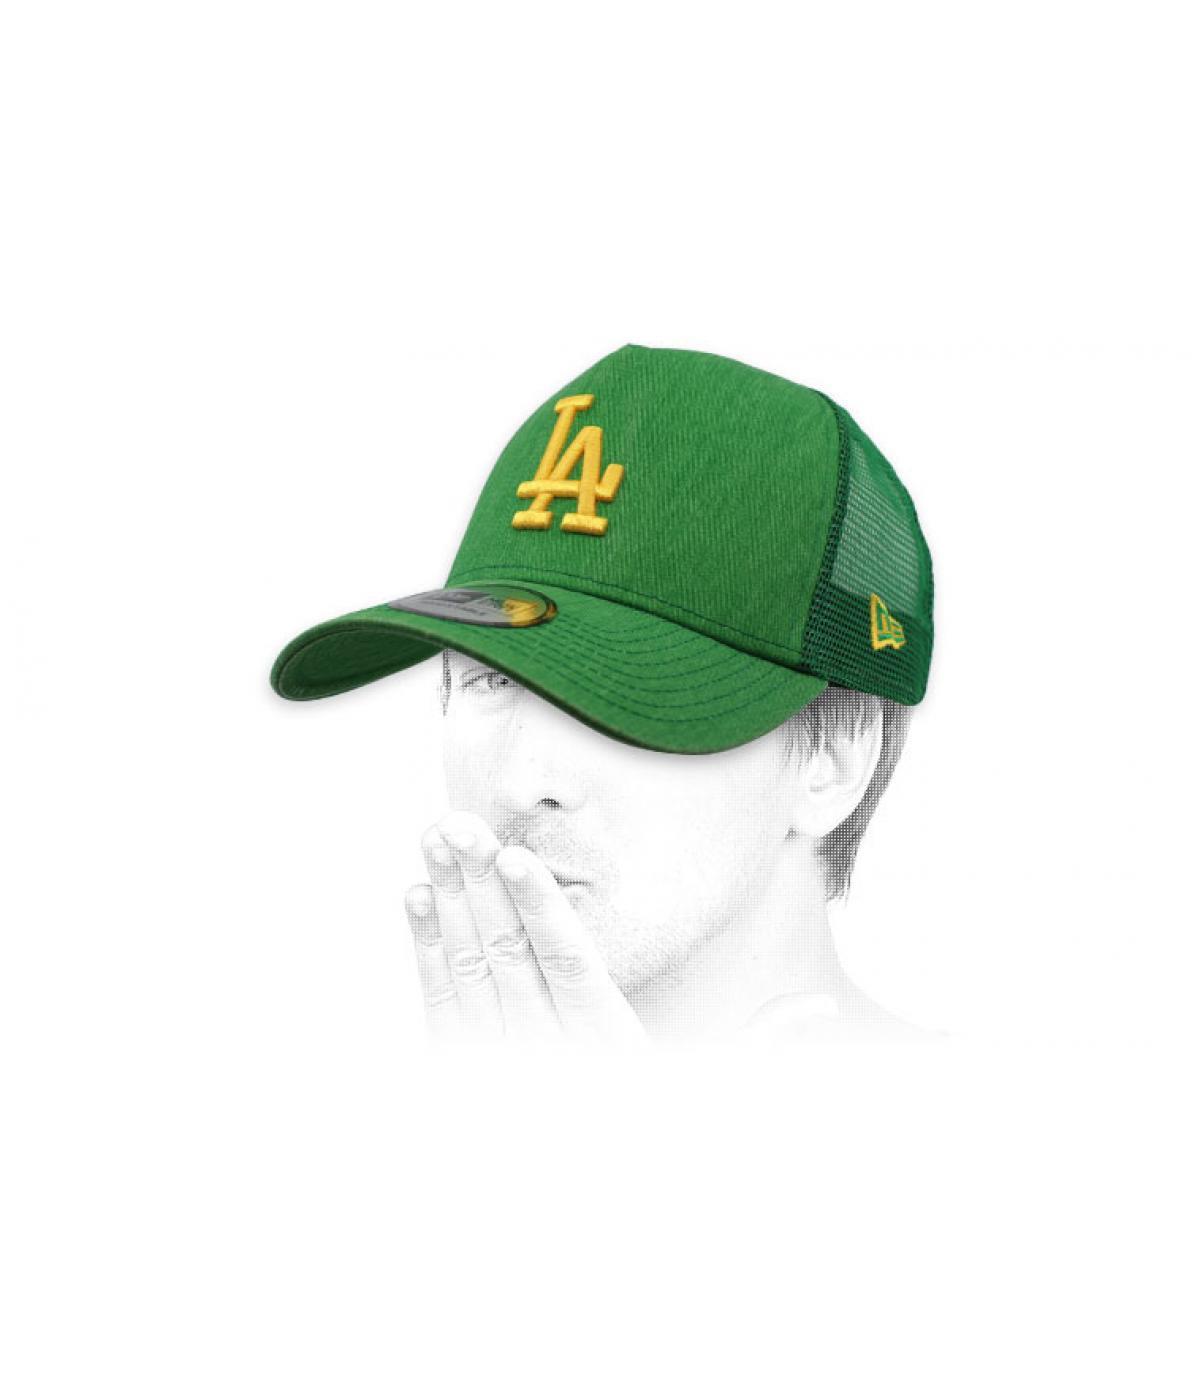 trucker LA groen geel